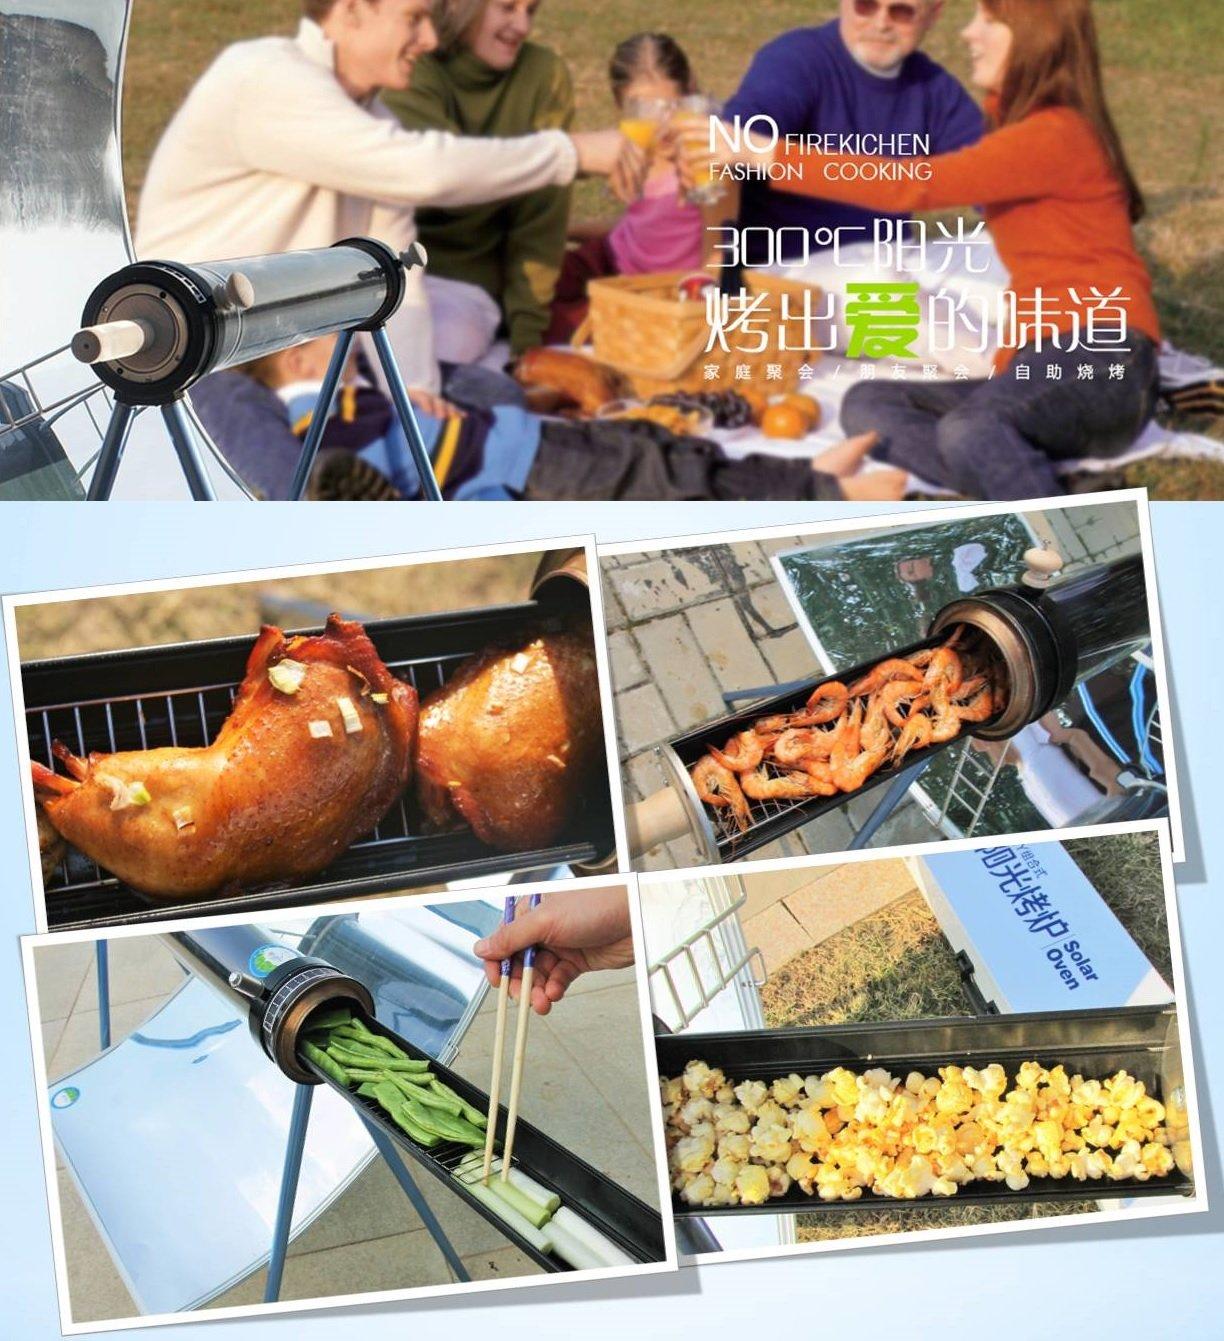 蜂鸟阳光太阳能烤炉太阳烤炉太阳微厨户外烧烤炉烧烤架能德国技术